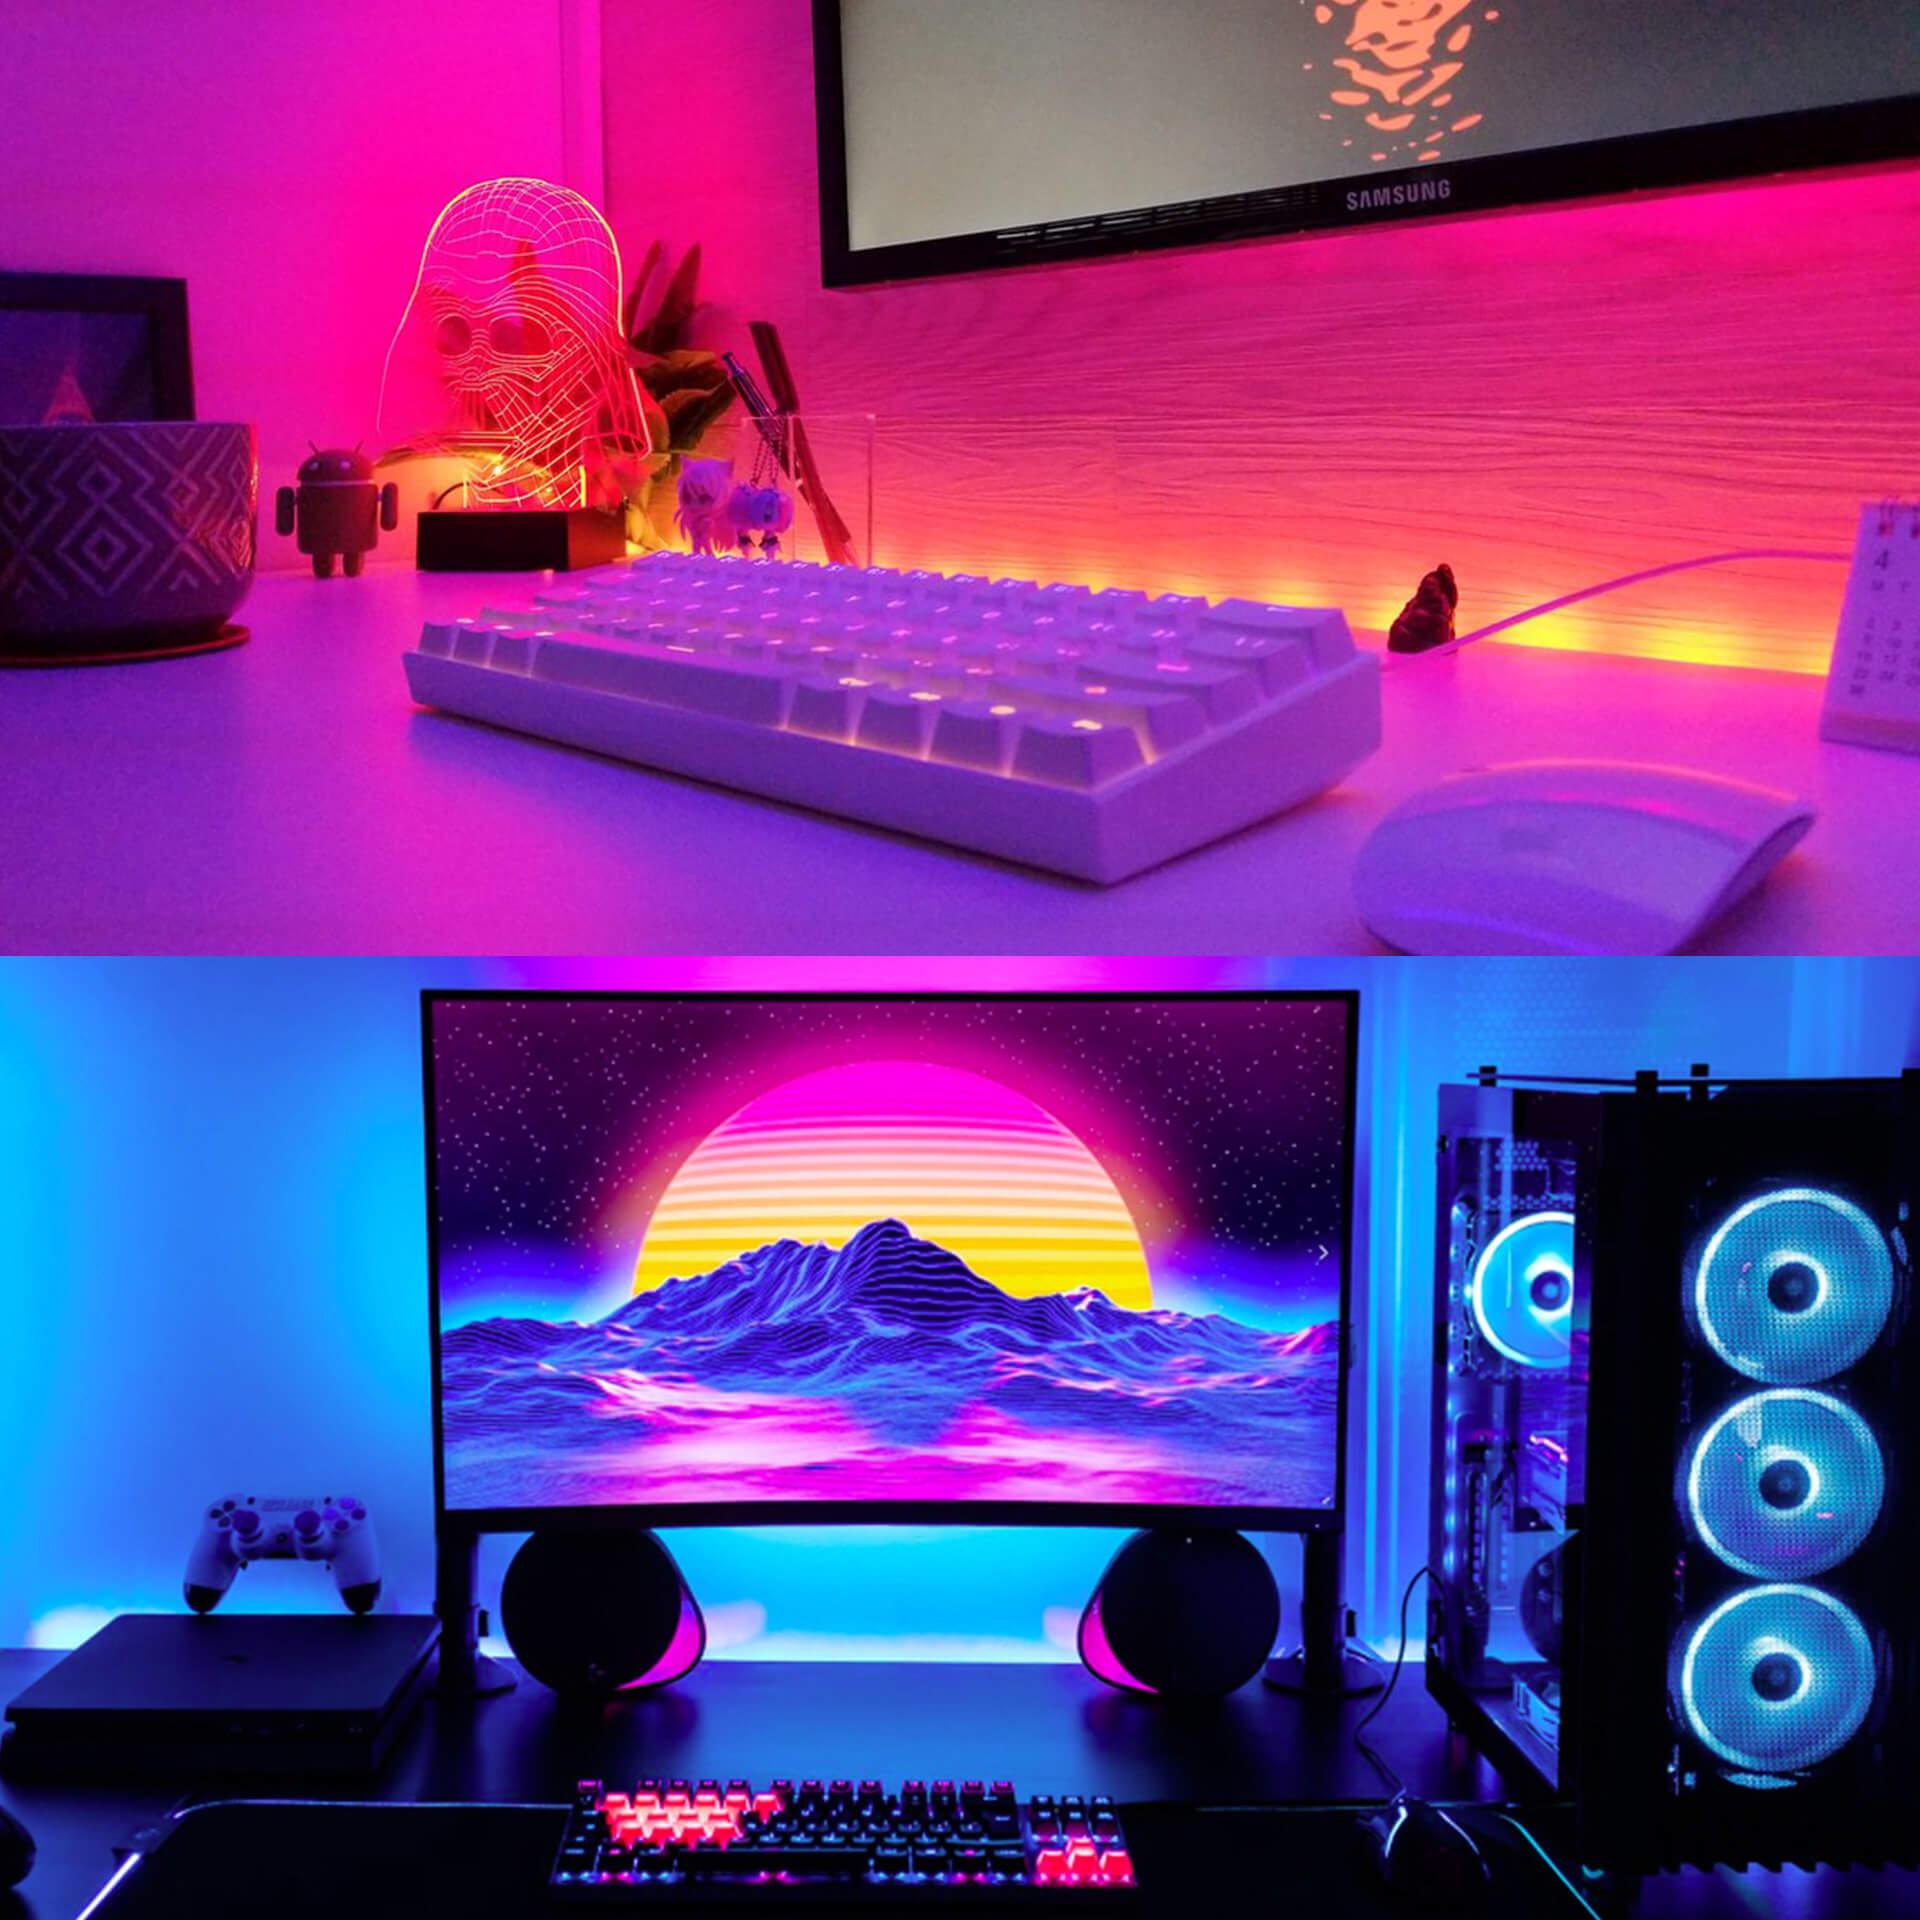 Outrun Aesthetic LED Desk Backlight